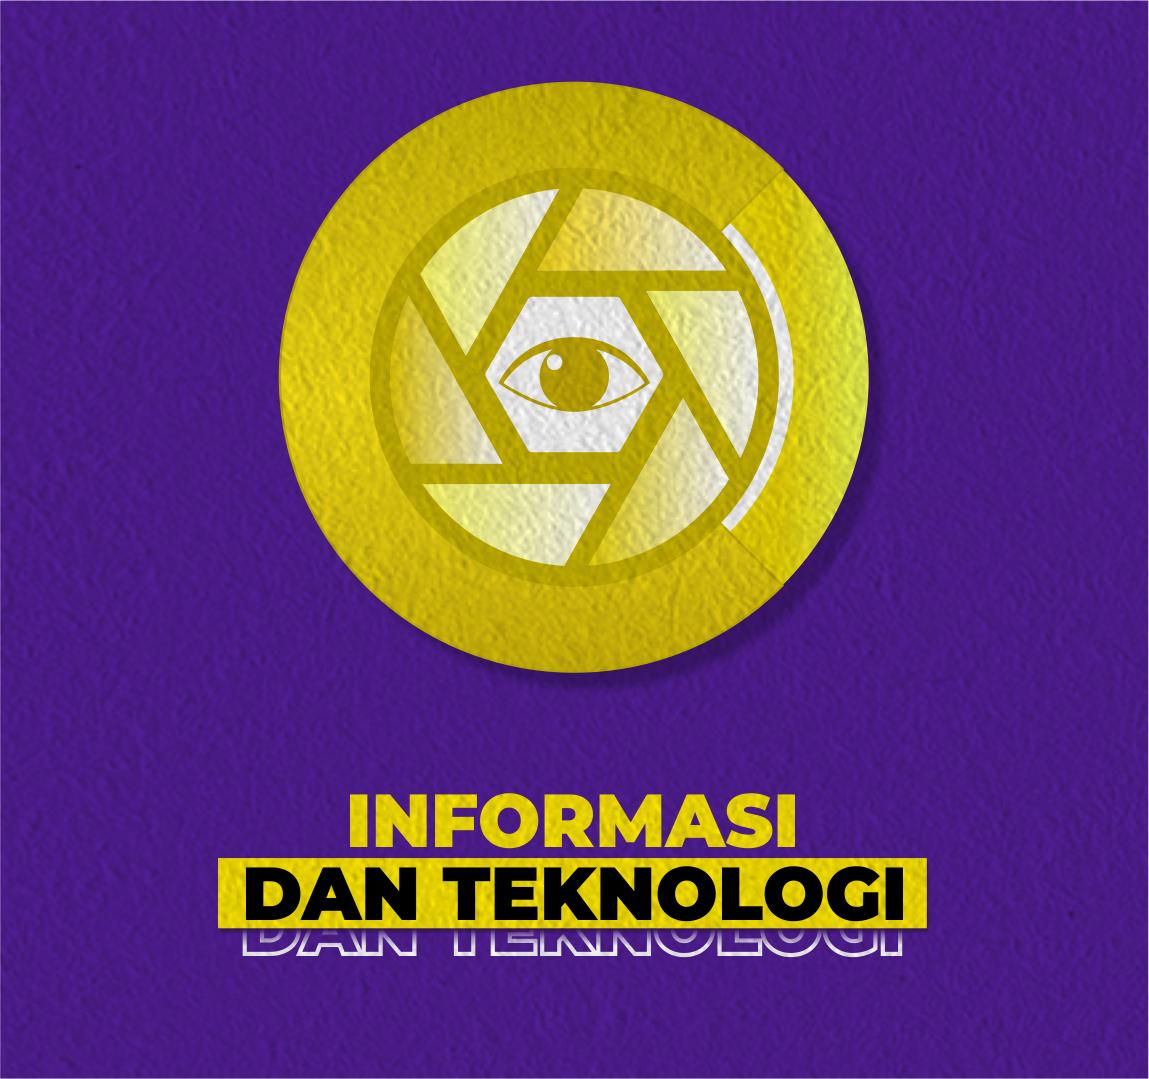 2. Informasi dan Teknologi